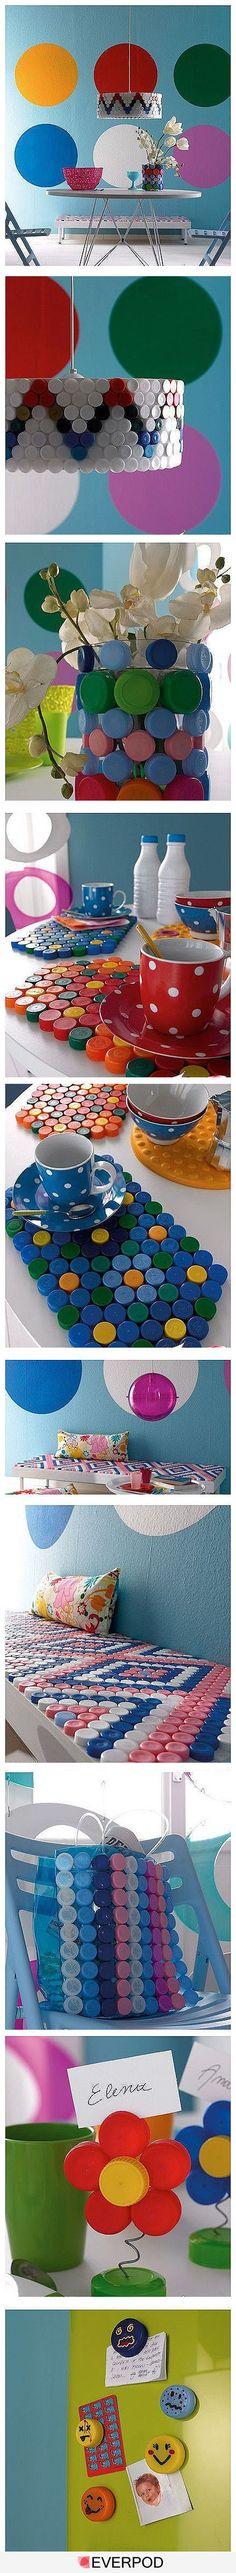 Manualidades tapones de plástico: salvamanteles, lámparas y jarrones. Ideas para reutilizar los tapones de las botellas de plásticas para decorar el hogar.